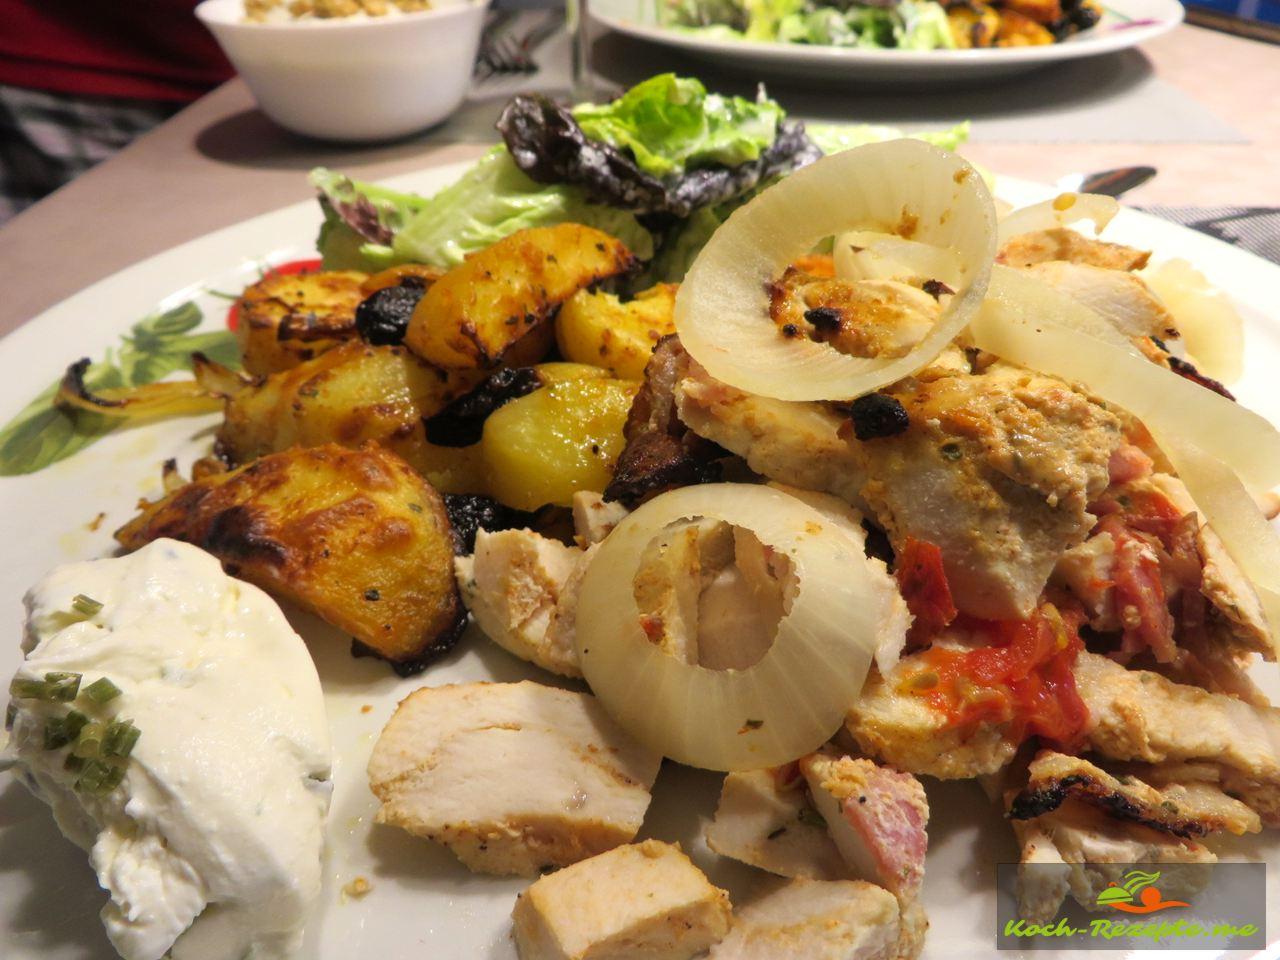 mein Teller Hähnchen-Gyros Spieß mit Kartoffelecken und Salat